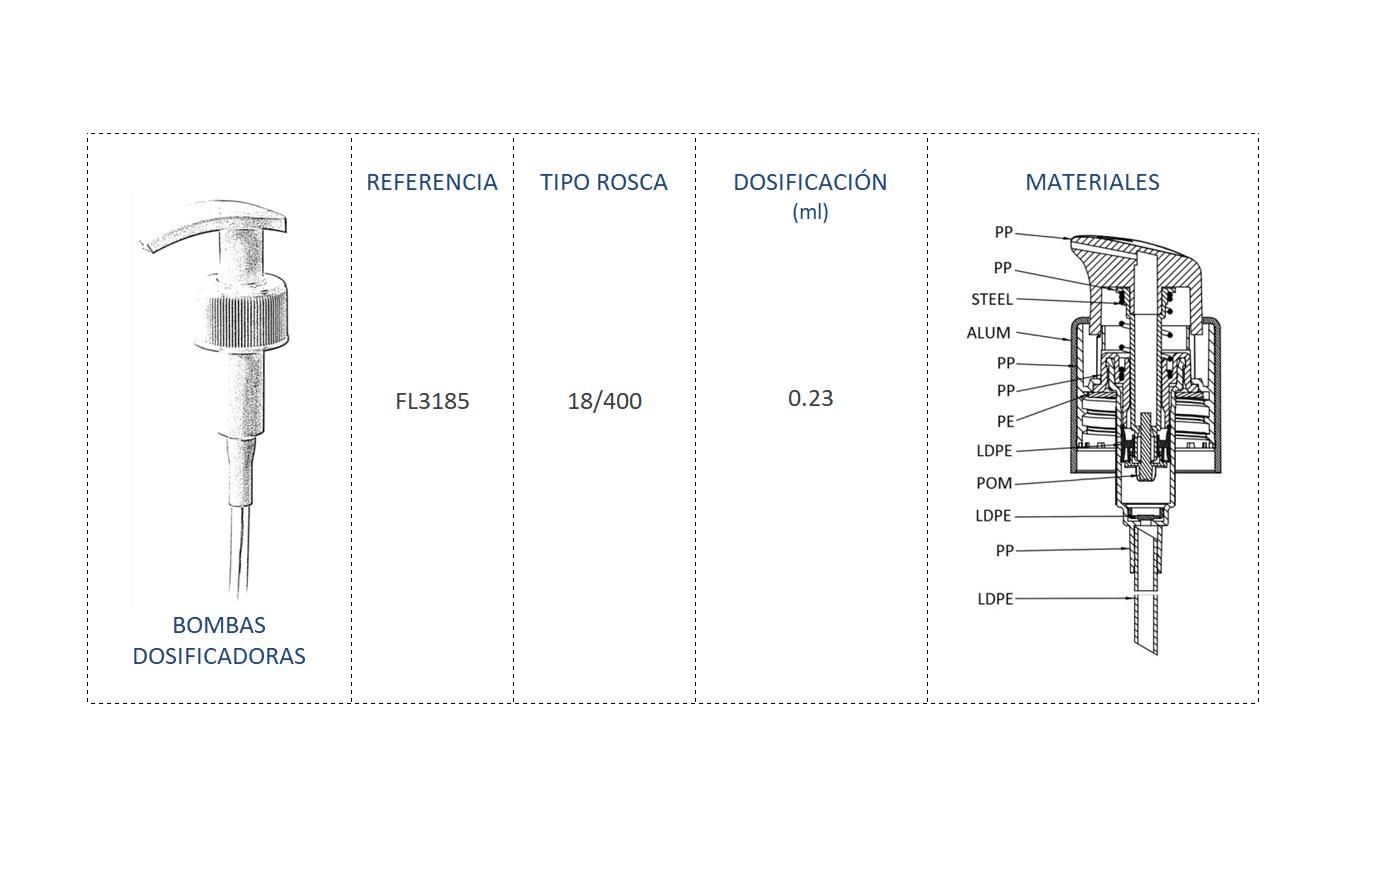 Cuadro materiales bomba dosificadora FL3185 18/400